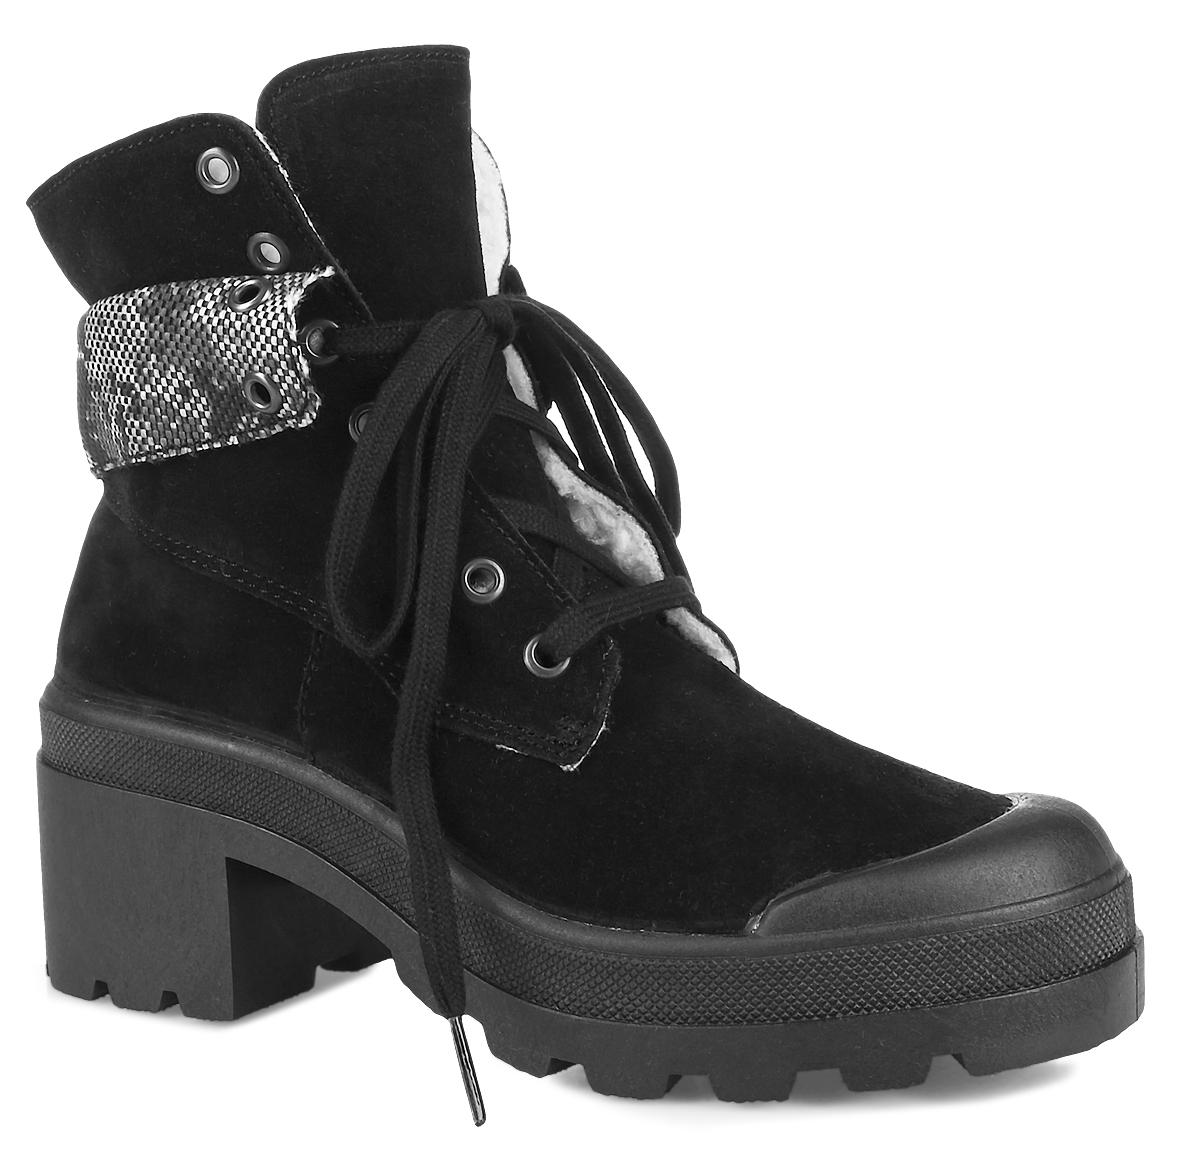 ENF11_2013-05-01_BLACKБотинки от El Tempo выполнены из высококачественного спилока и оформлены текстильным манжетом. Мыс дополнен накладной для уменьшения износа обуви. На ноге модель фиксируется с помощью шнуровки. Внутренняя поверхность выполнена из натуральной шерсти, которая обеспечит тепло. Подошва изготовлена из высококачественной резины и дополнена небольшим каблуком.